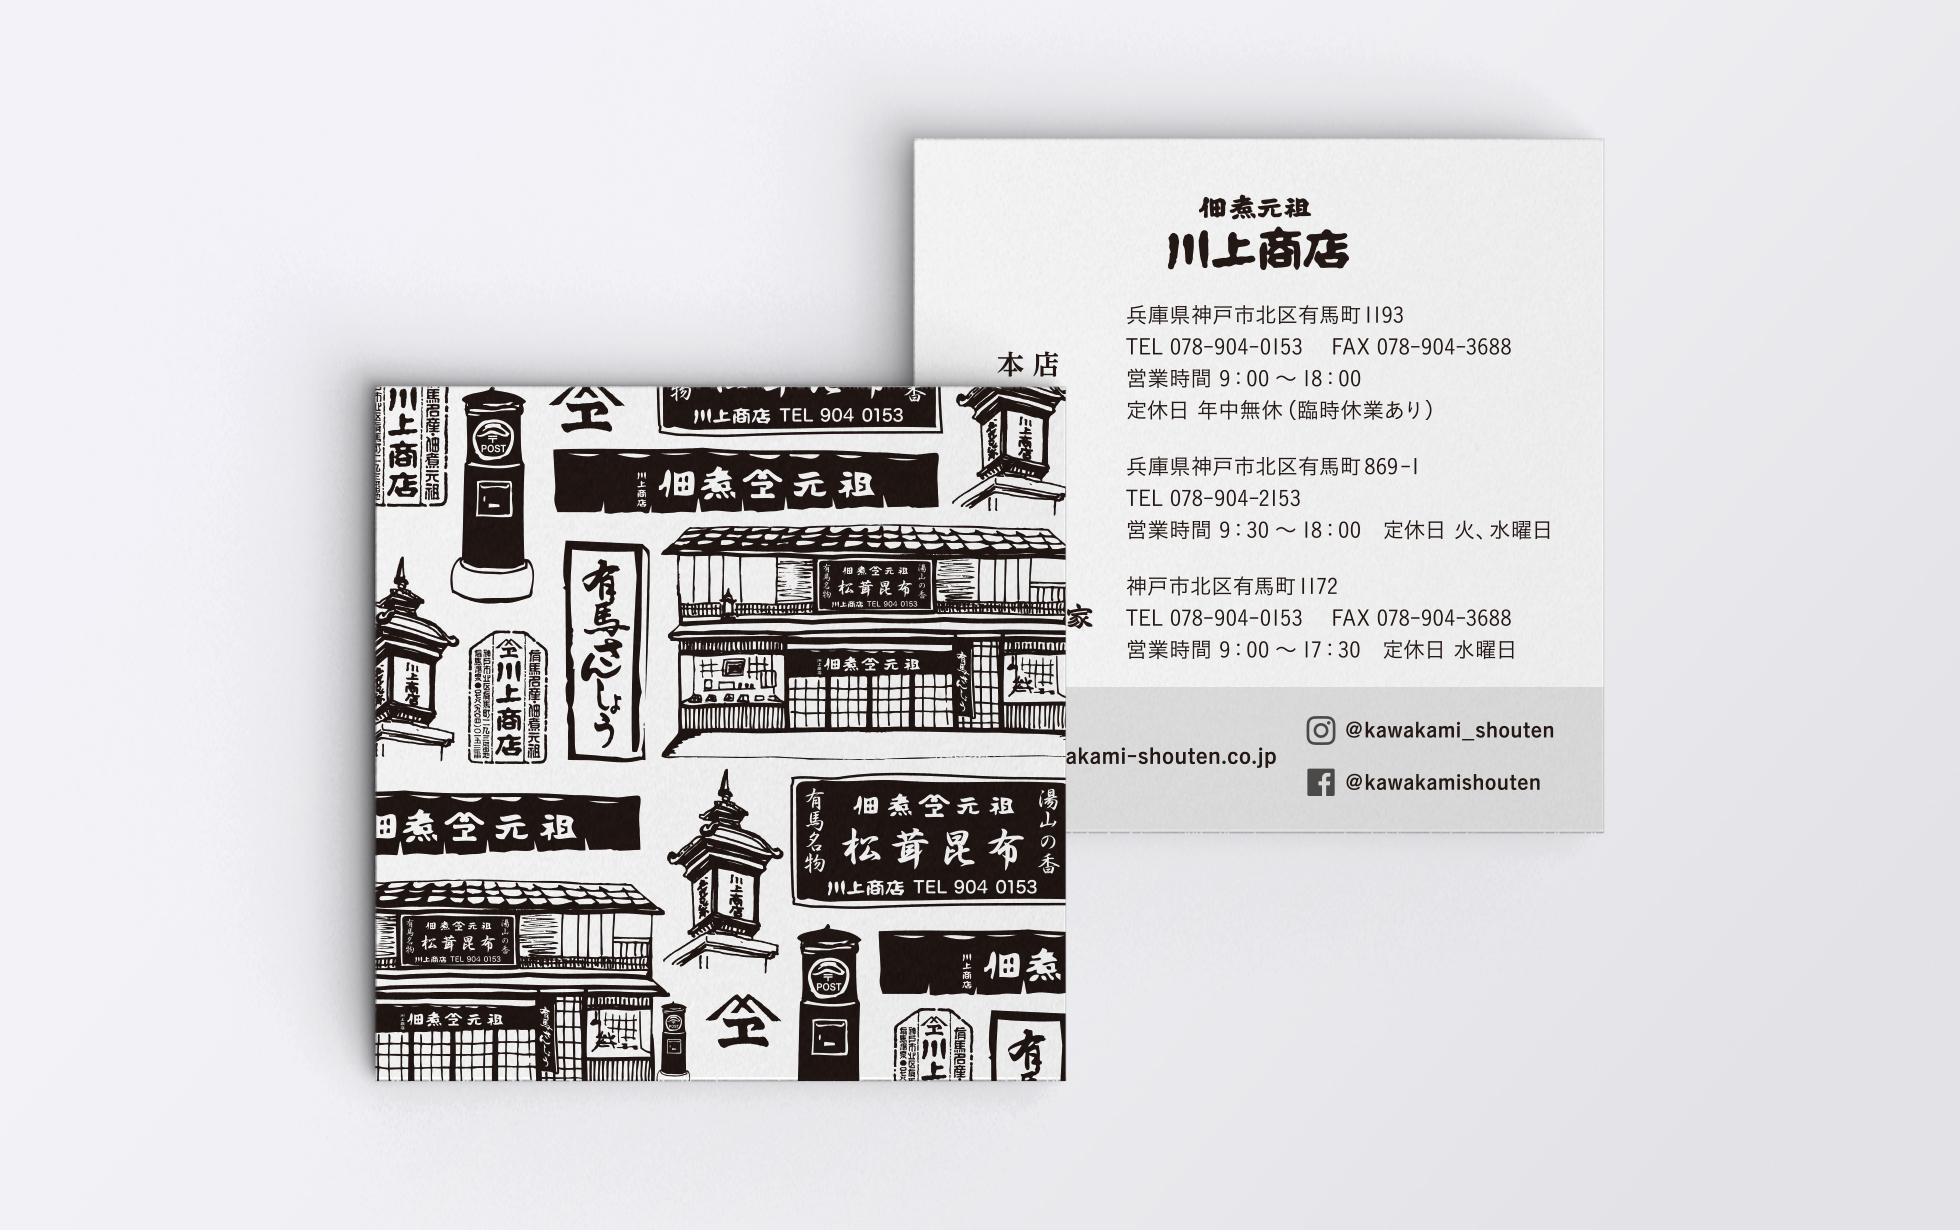 川上商店「ショップカード」